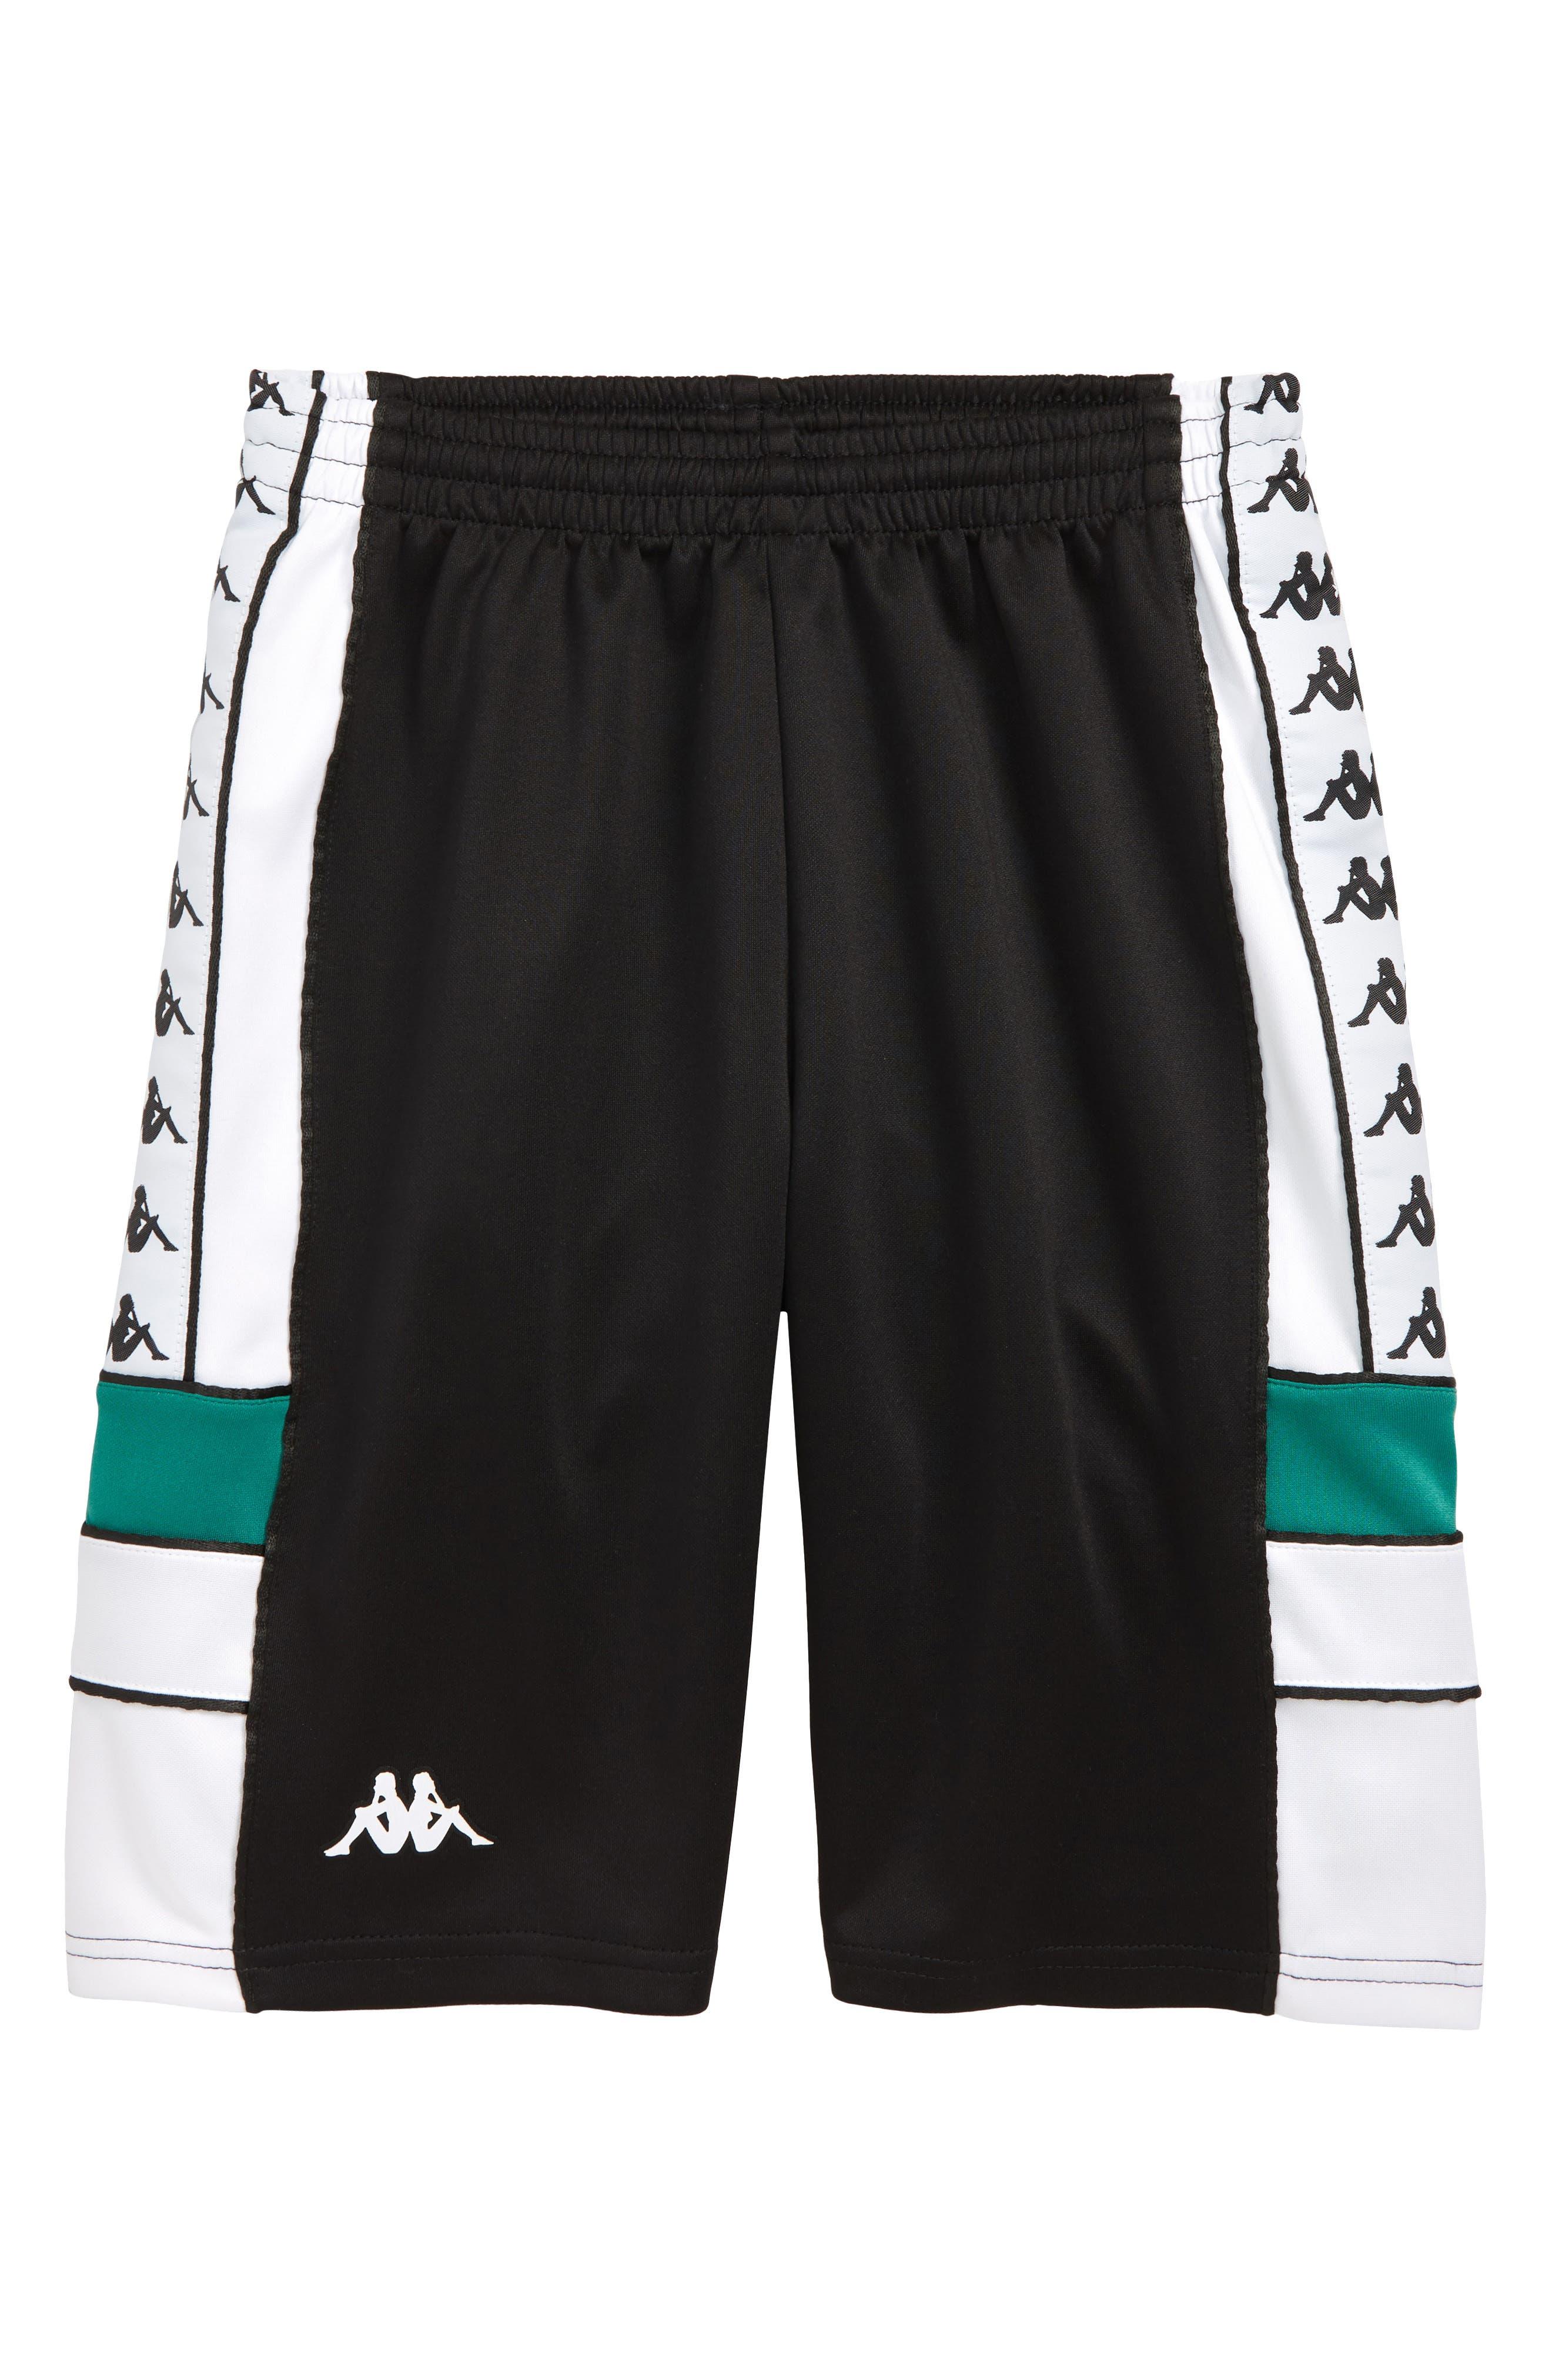 KAPPA, 222 Banda Shorts, Main thumbnail 1, color, BLACK/ WHITE/ GREEN